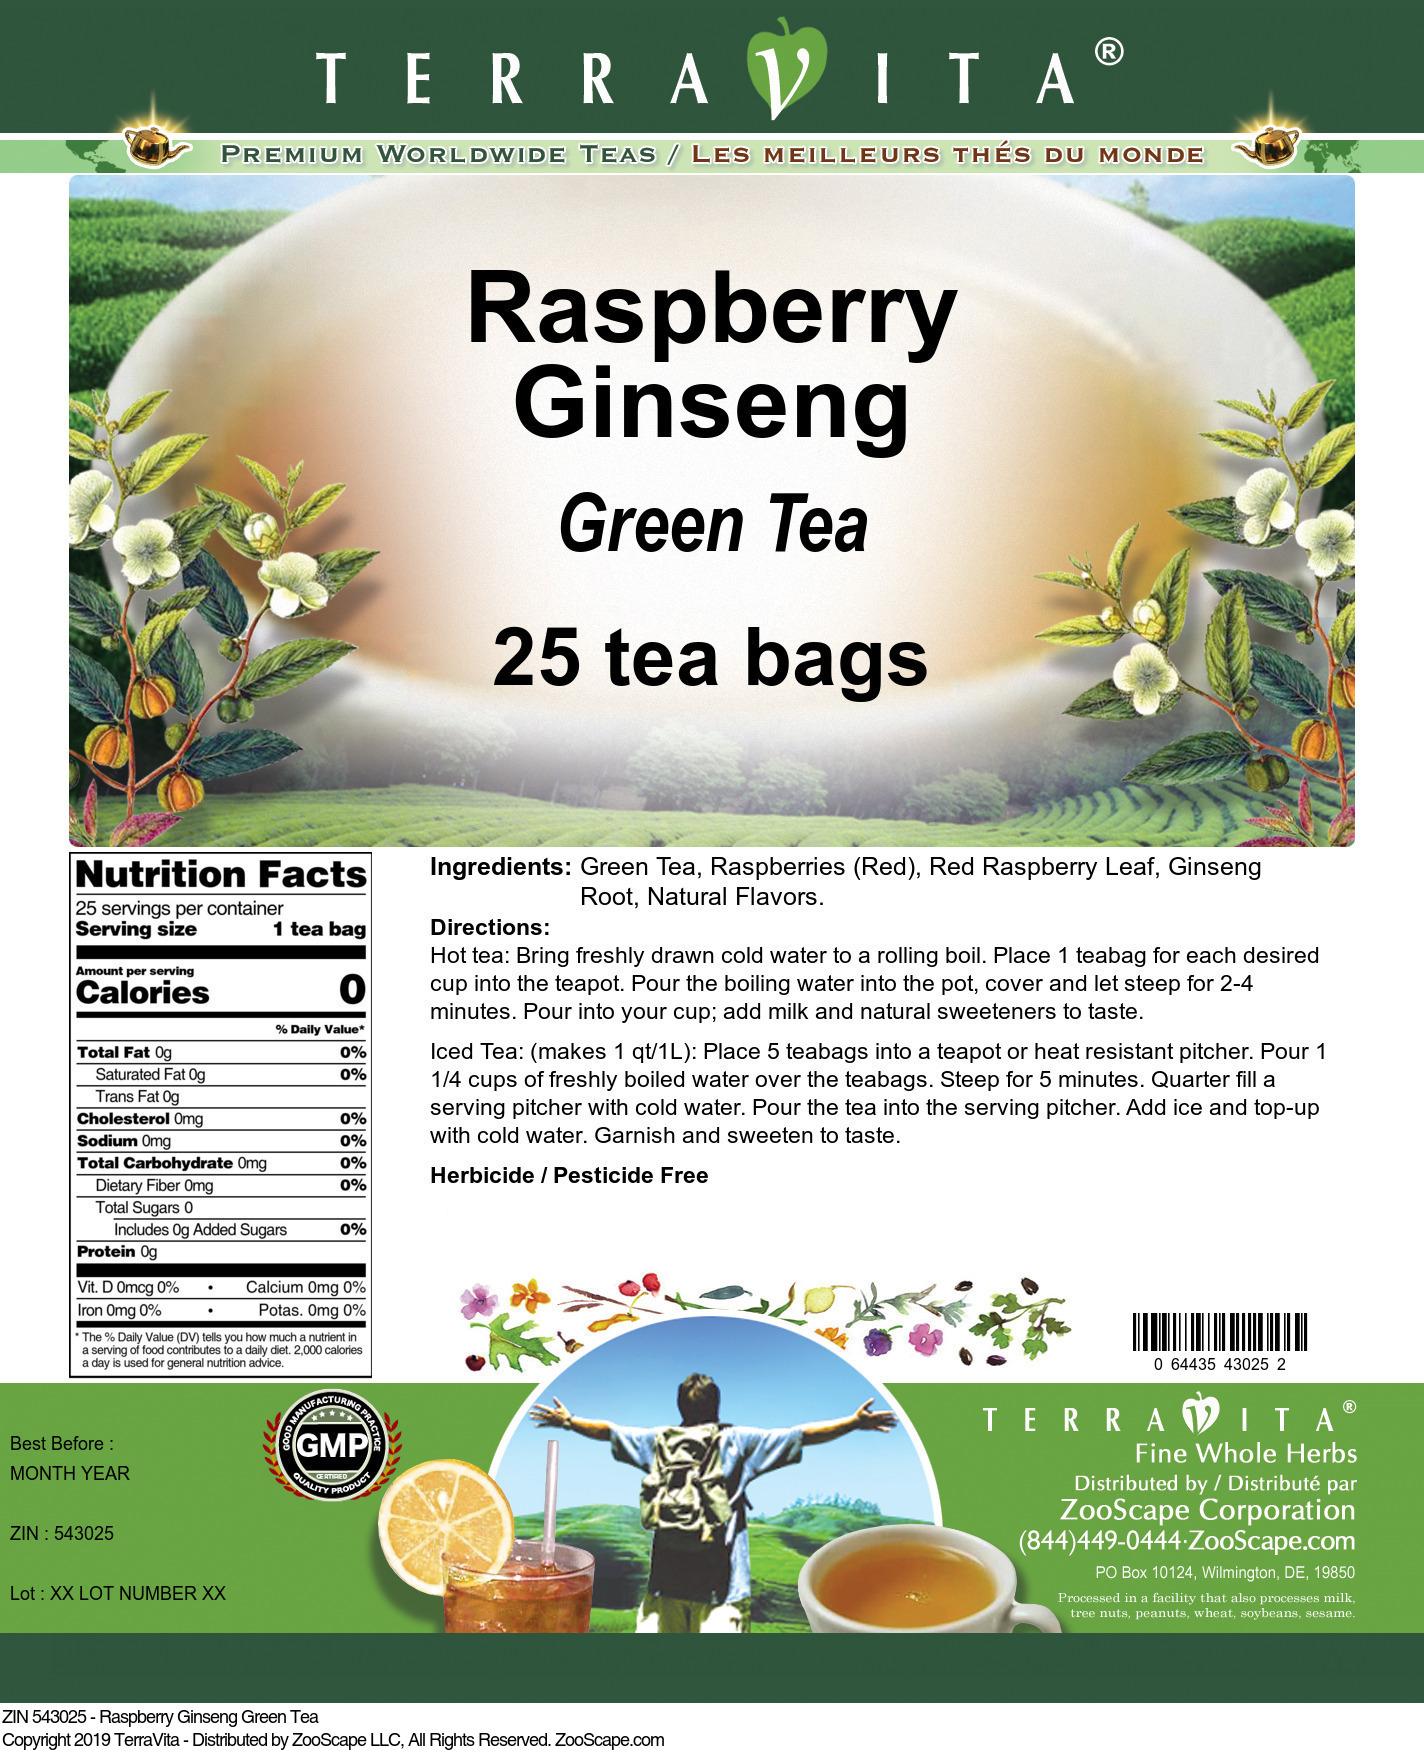 Raspberry Ginseng Green Tea